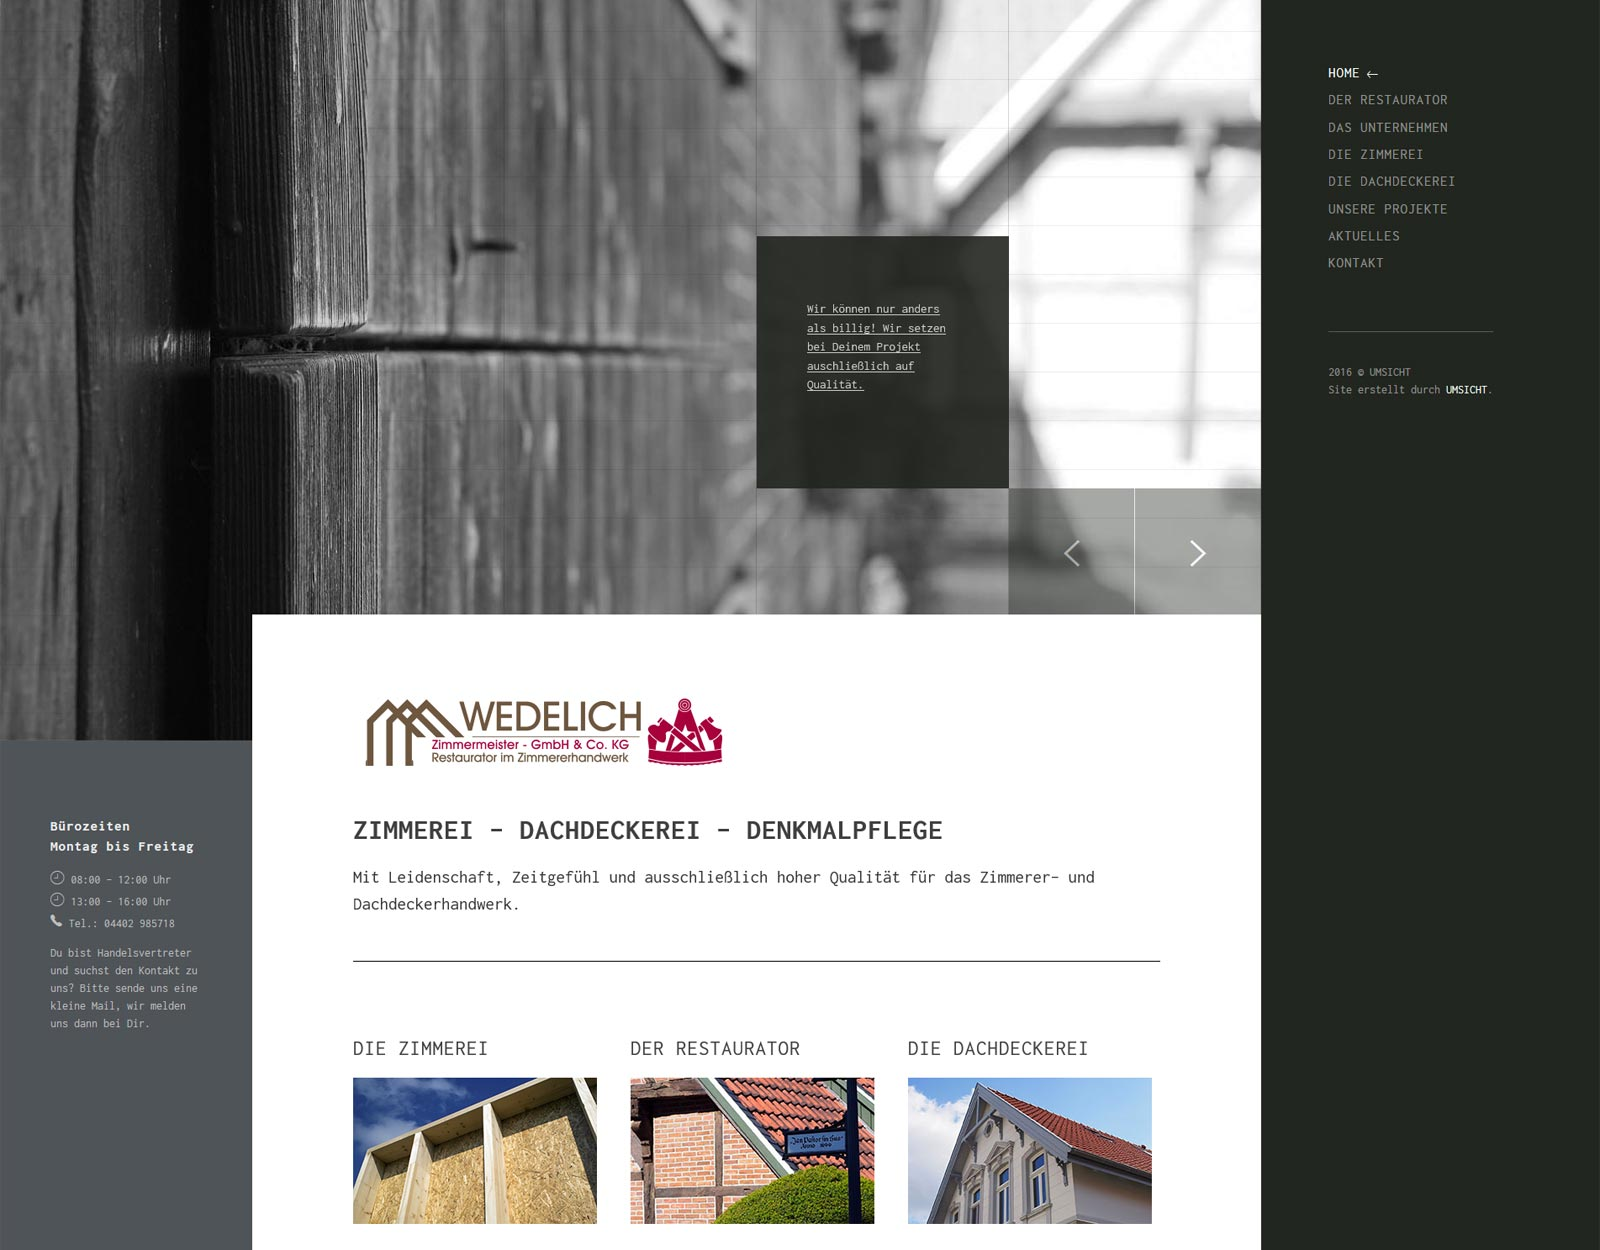 Wedelich Zimmerei Holzbau Denkmalpflege